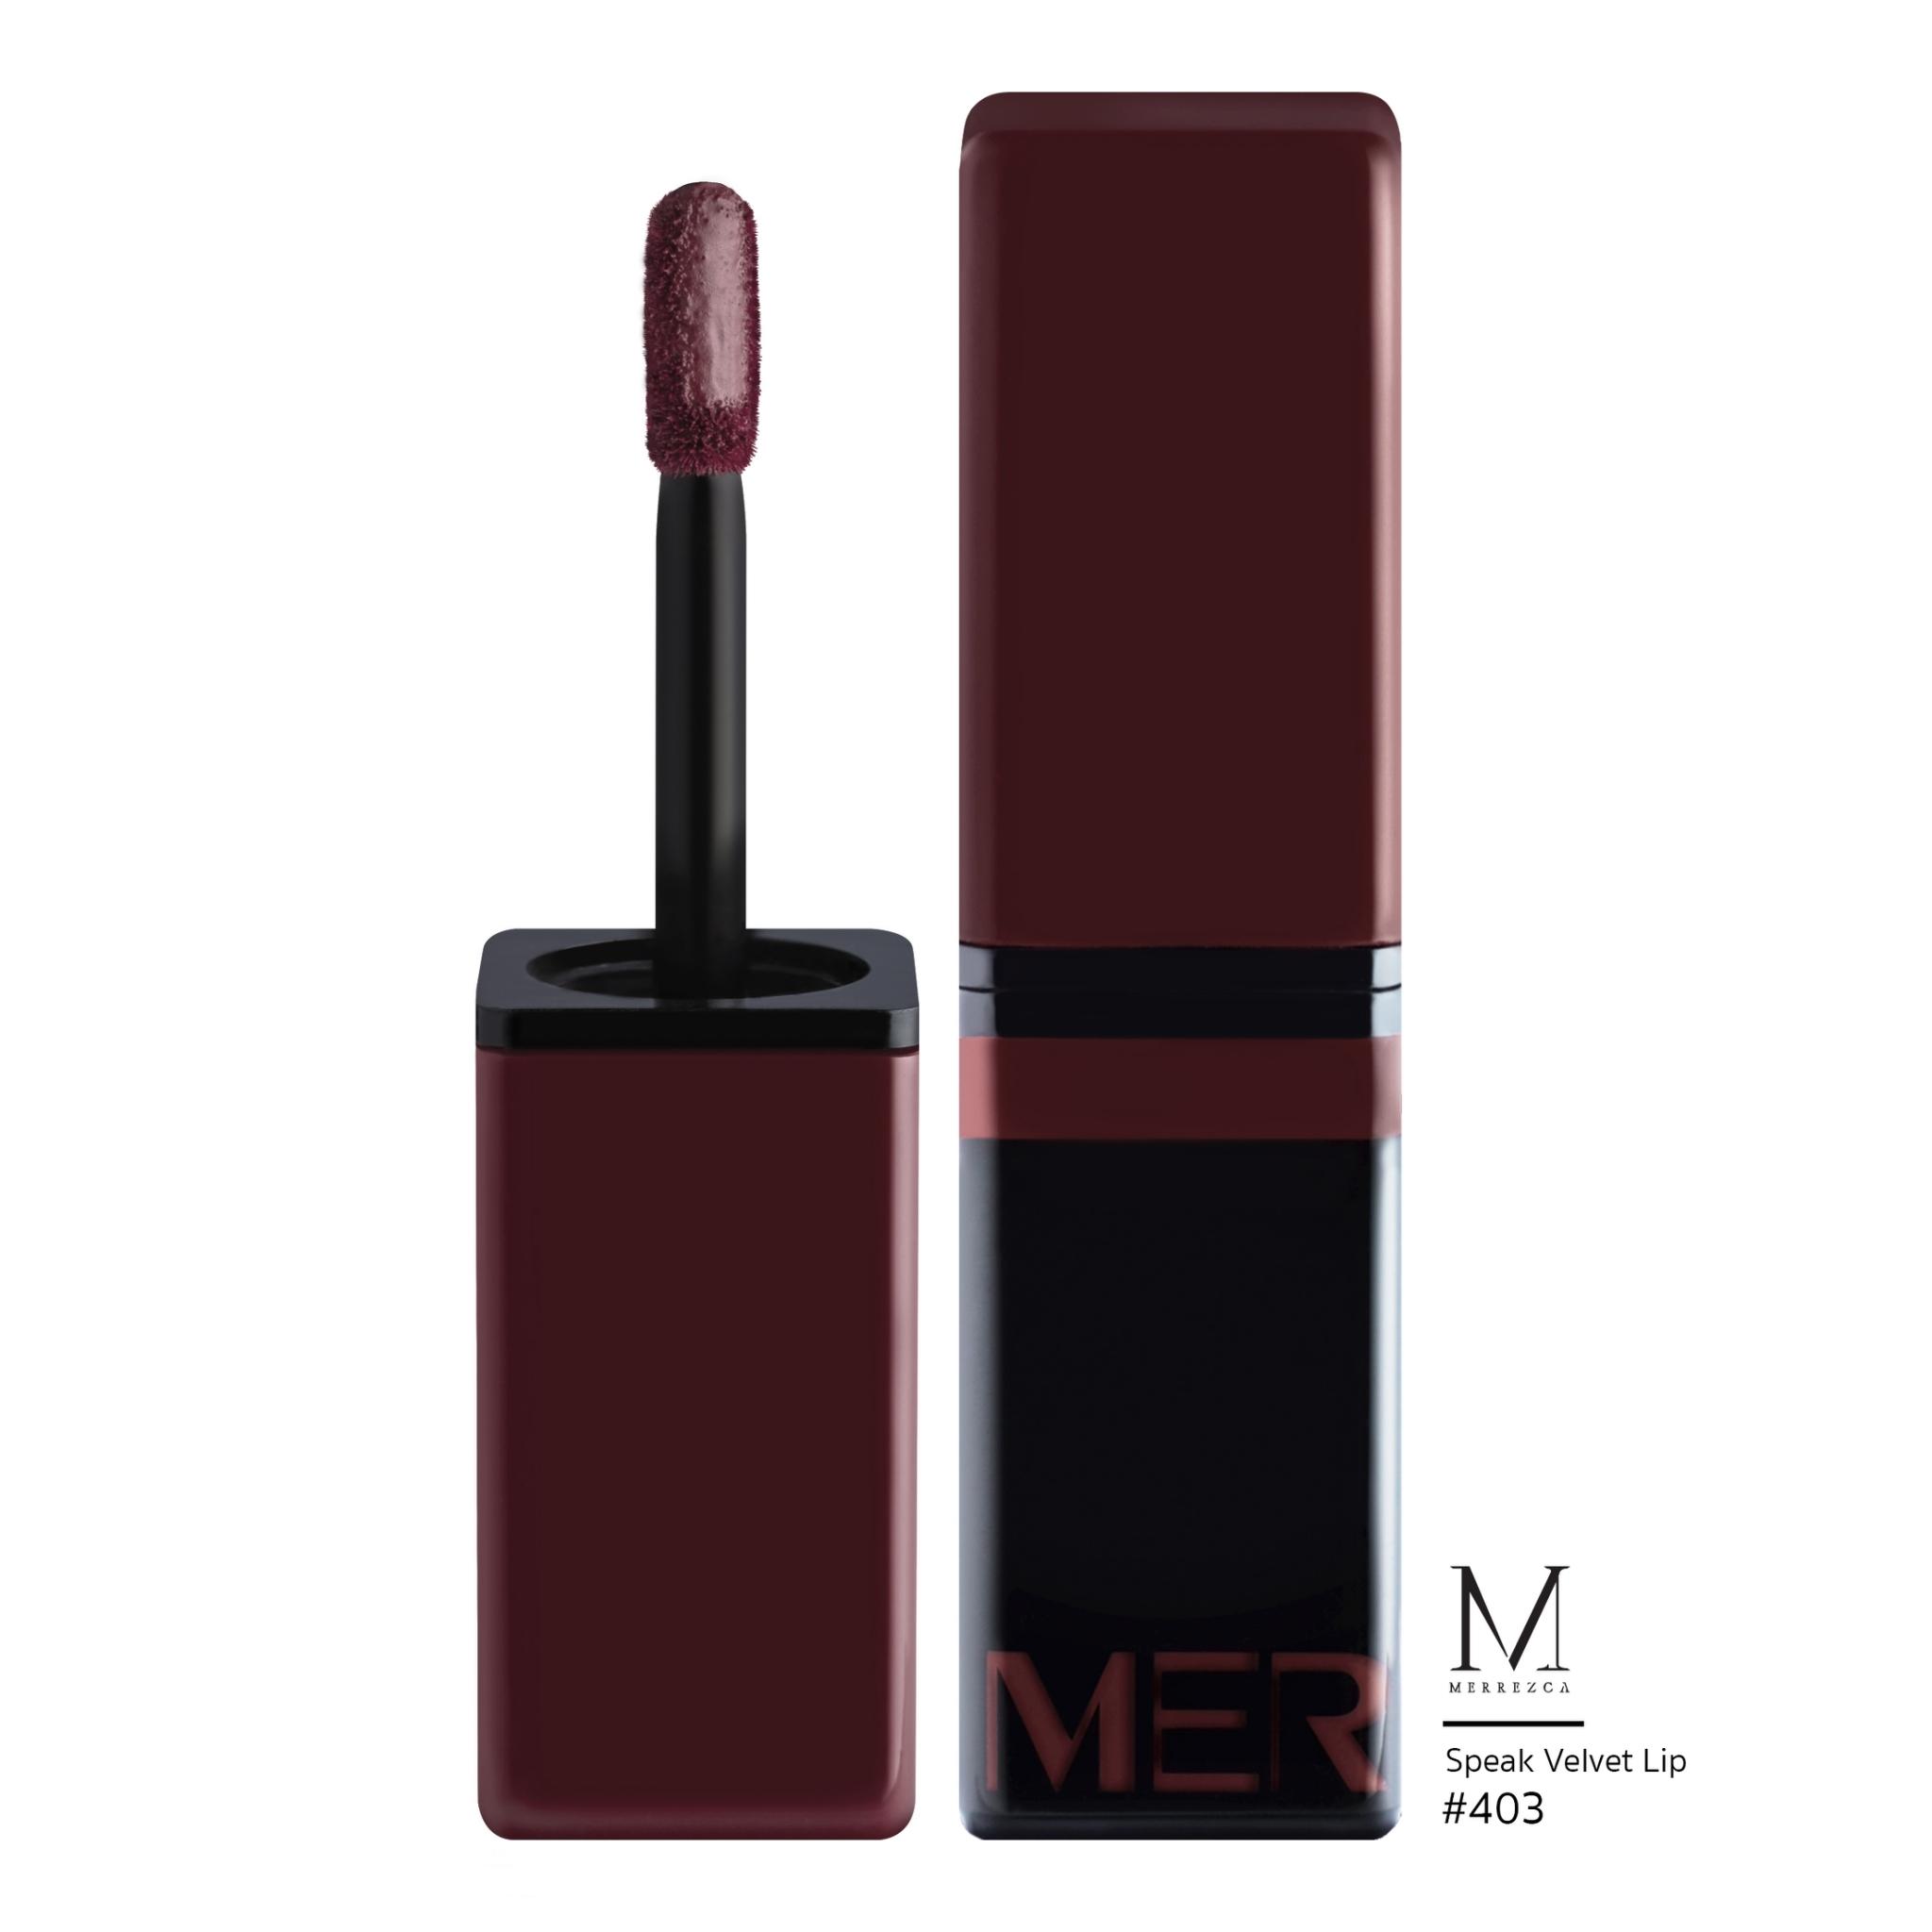 Merrez'ca Speak Velvet Lip # 403